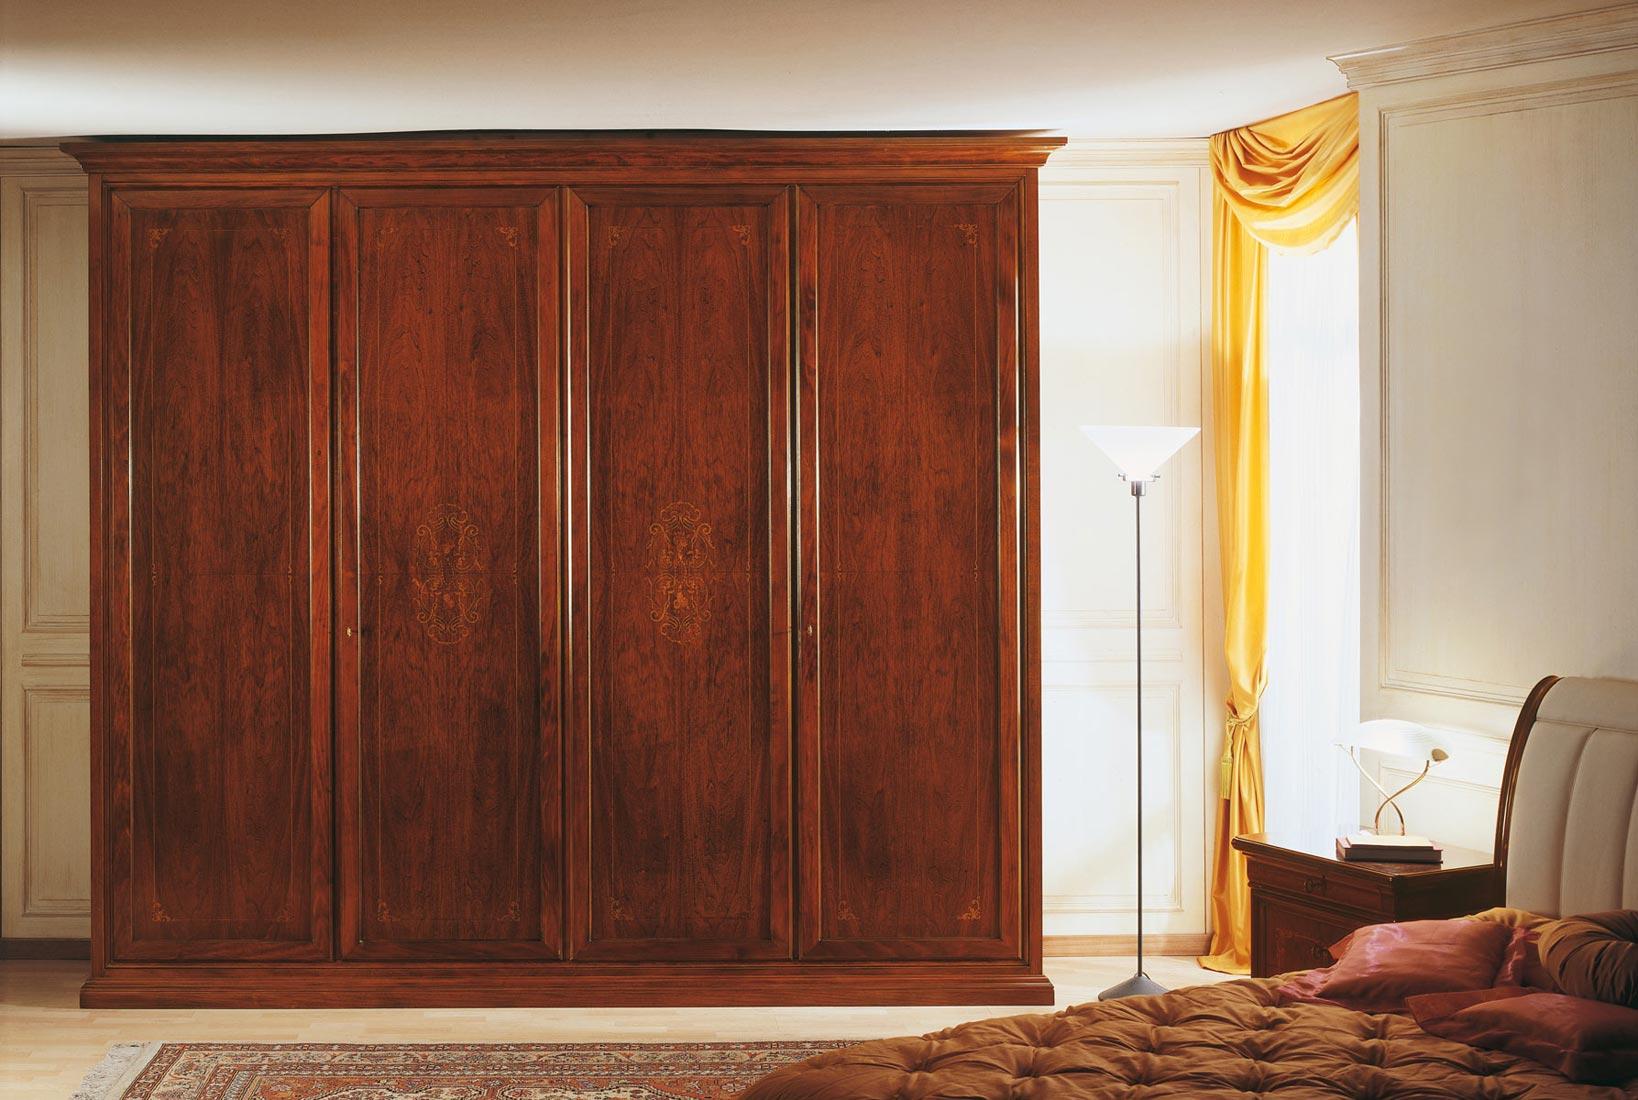 Camera da letto 800 francese, armadio due vani intarsiato  Vimercati ...